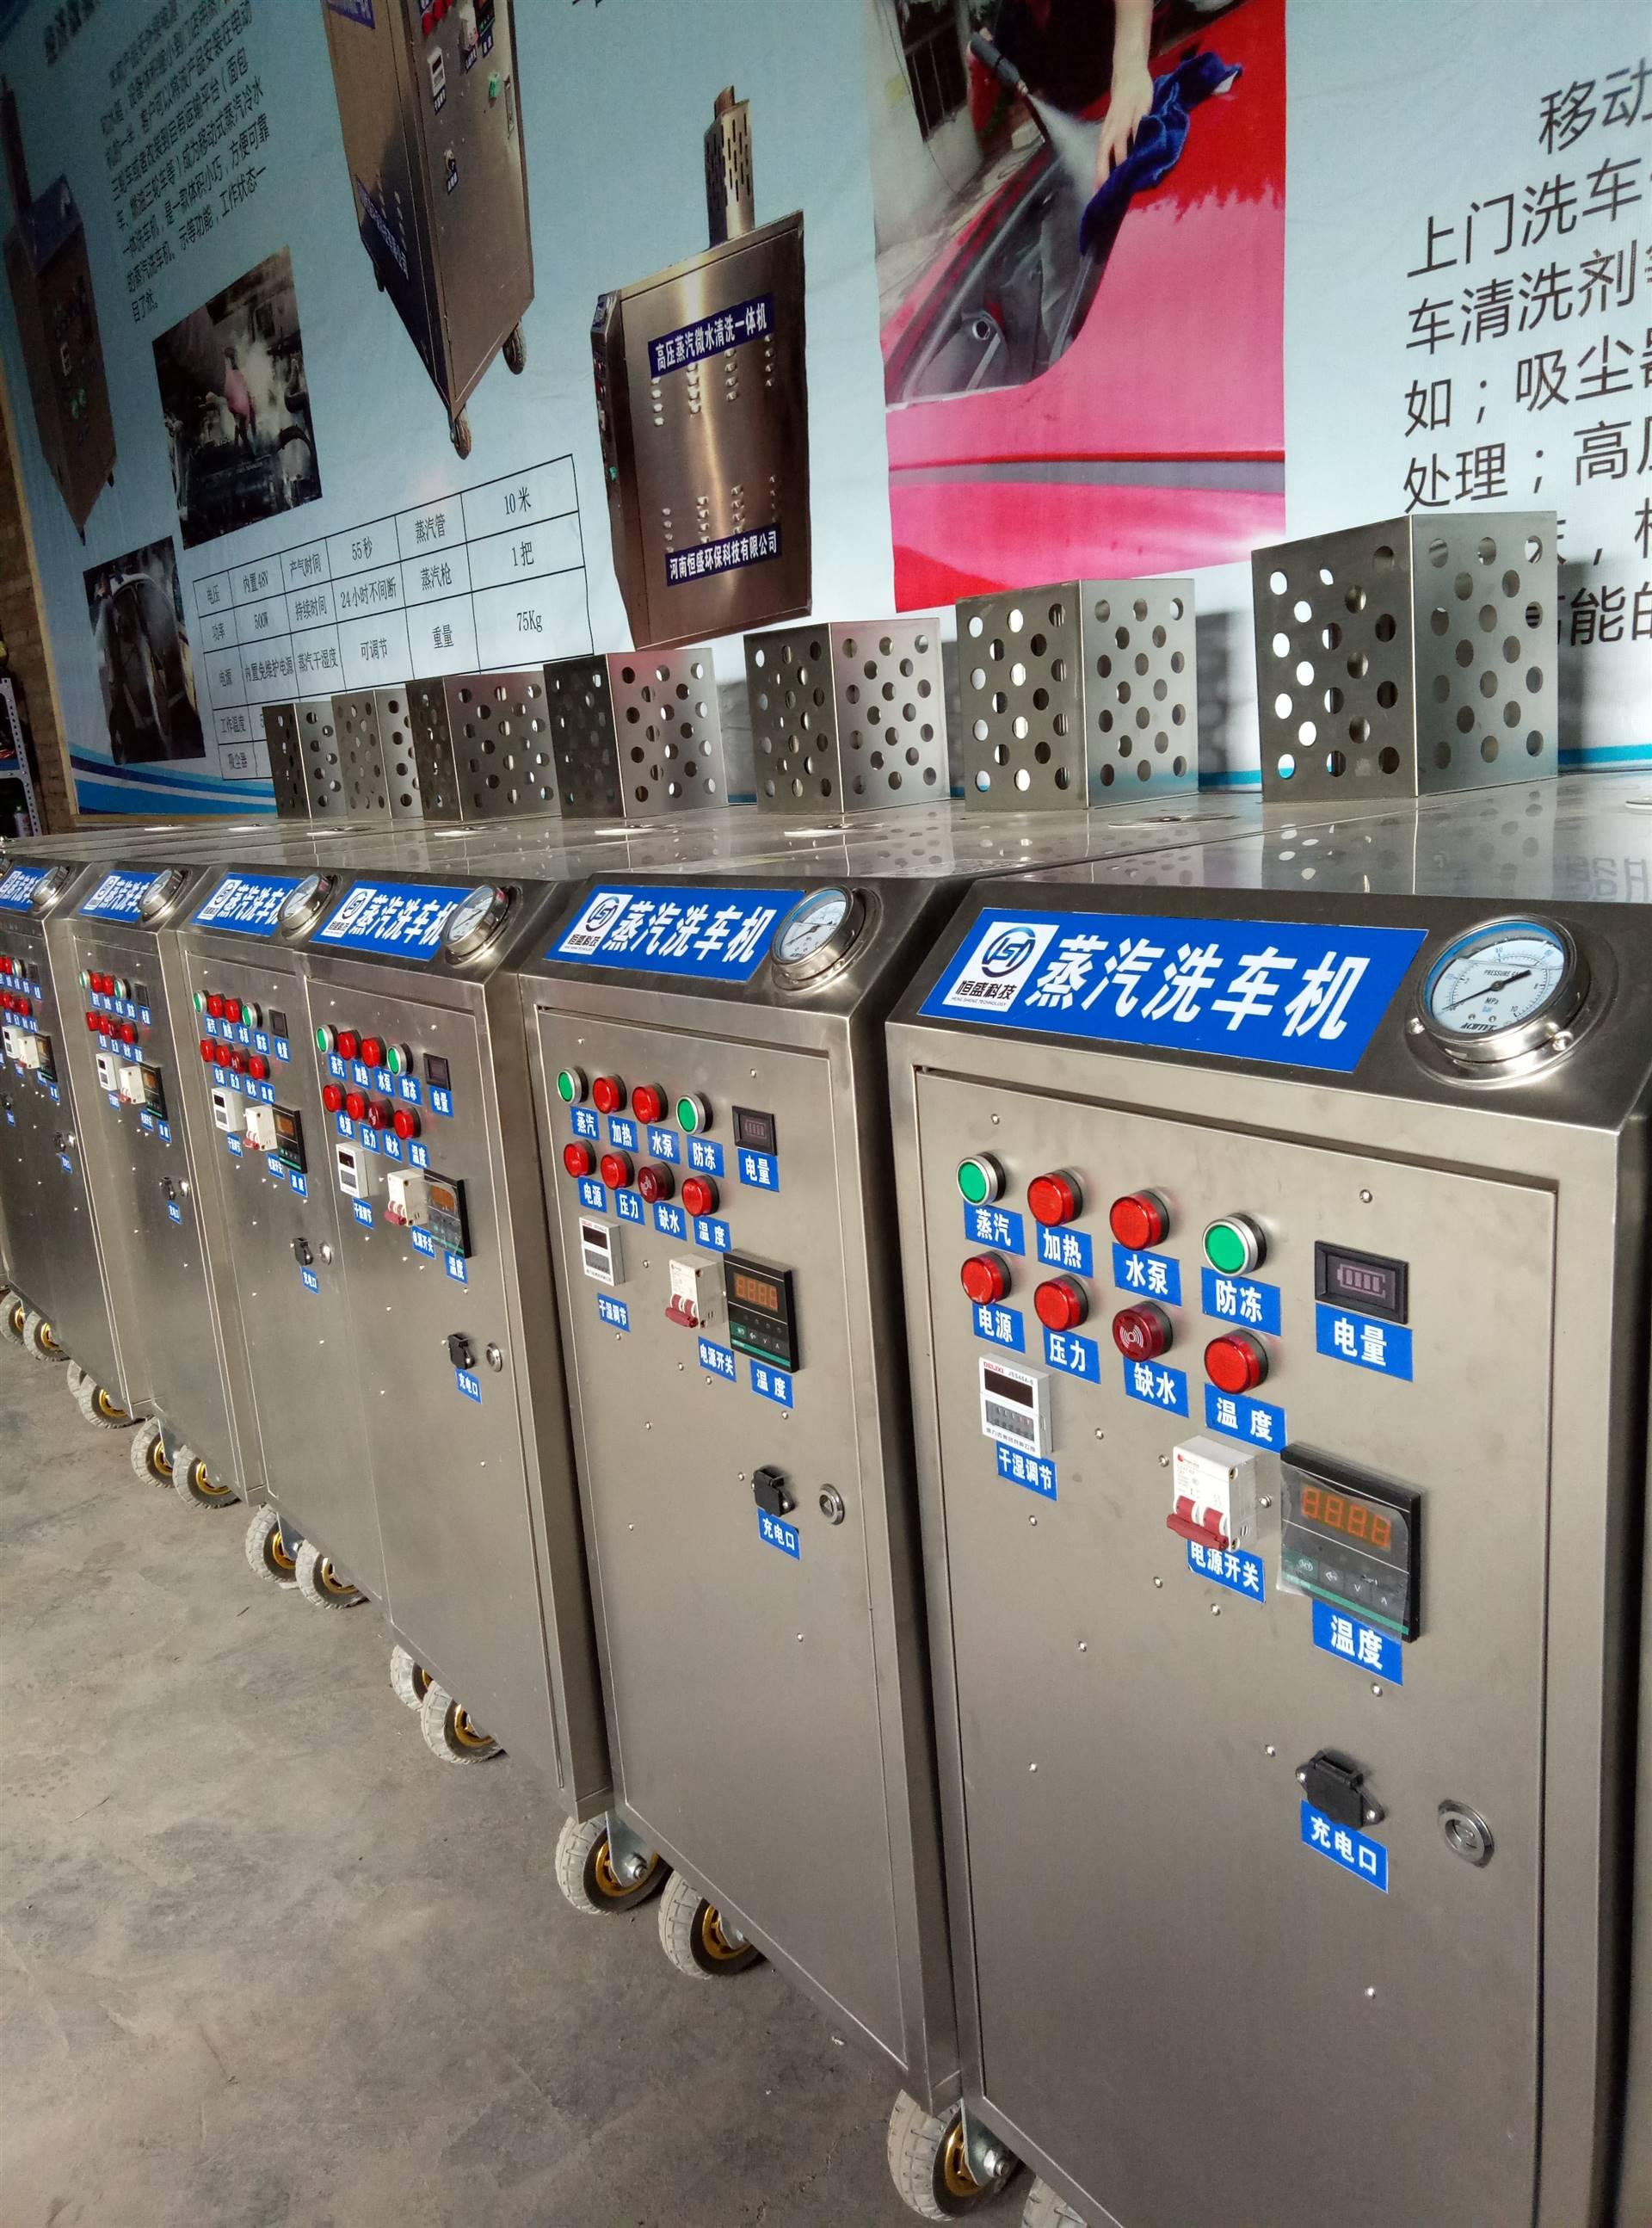 移动蒸汽洗车机多少钱